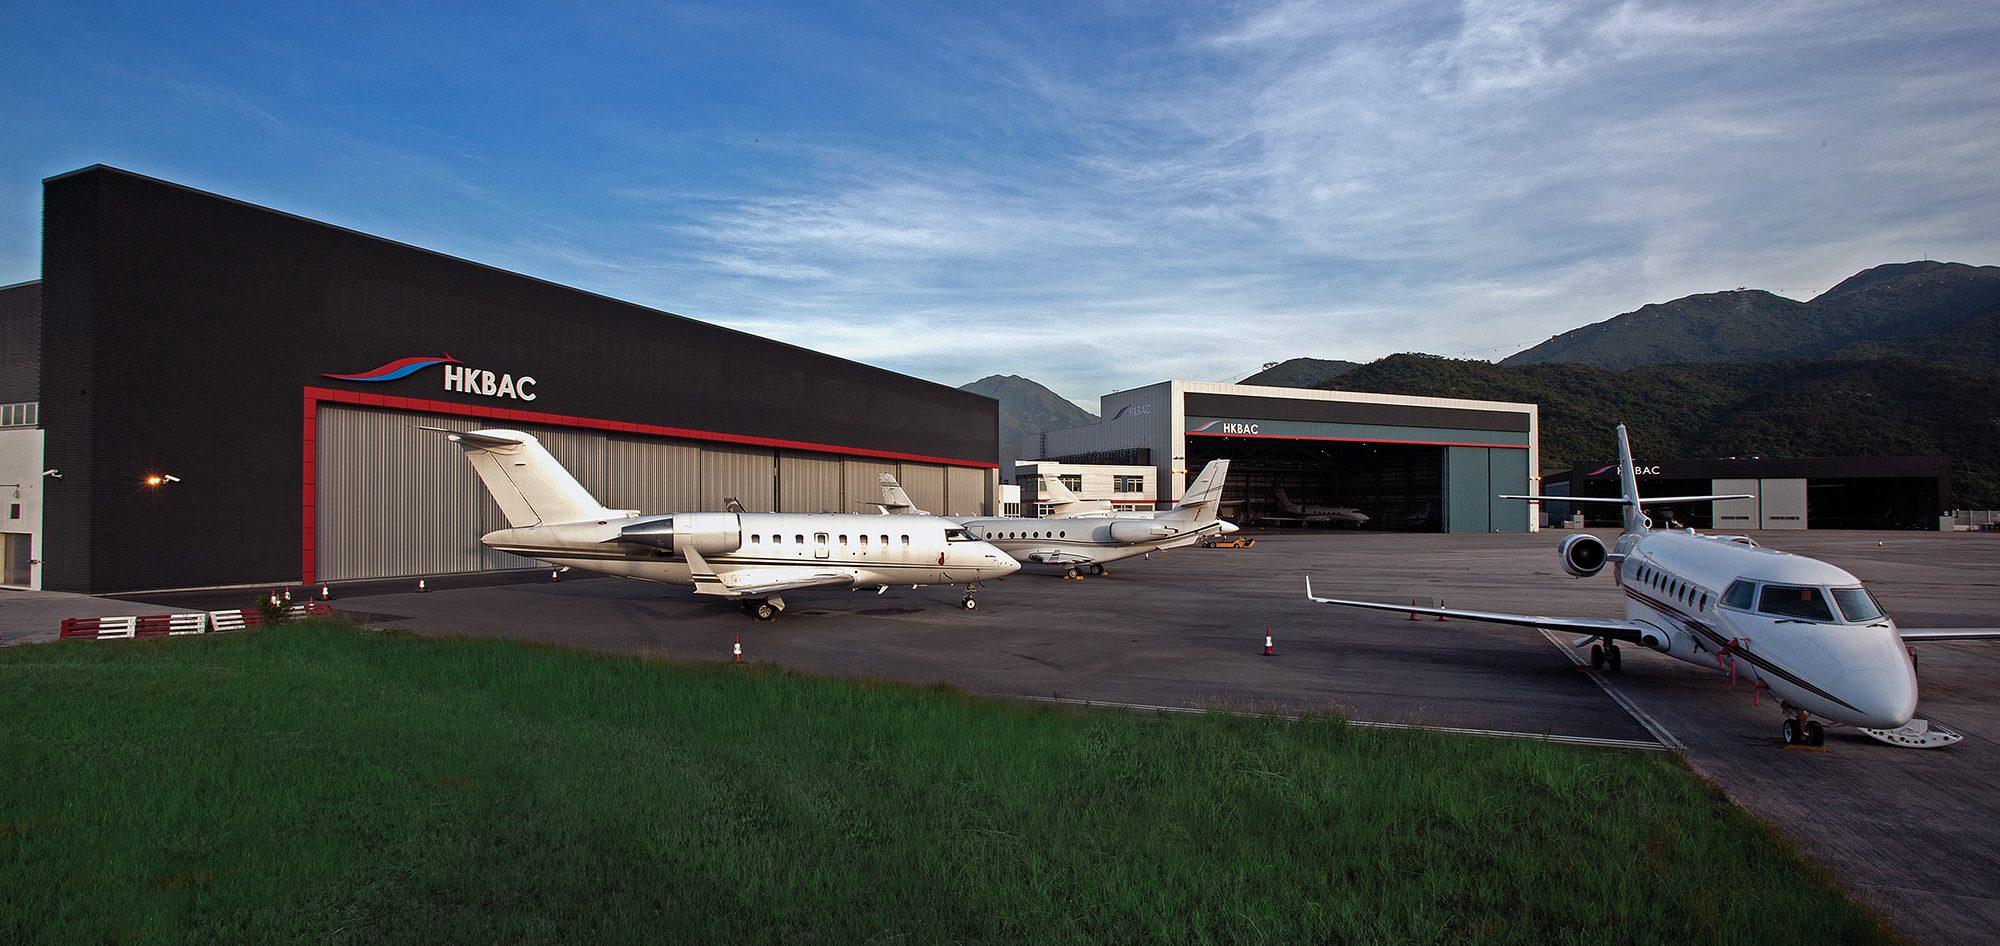 HKBAC Hangar 3